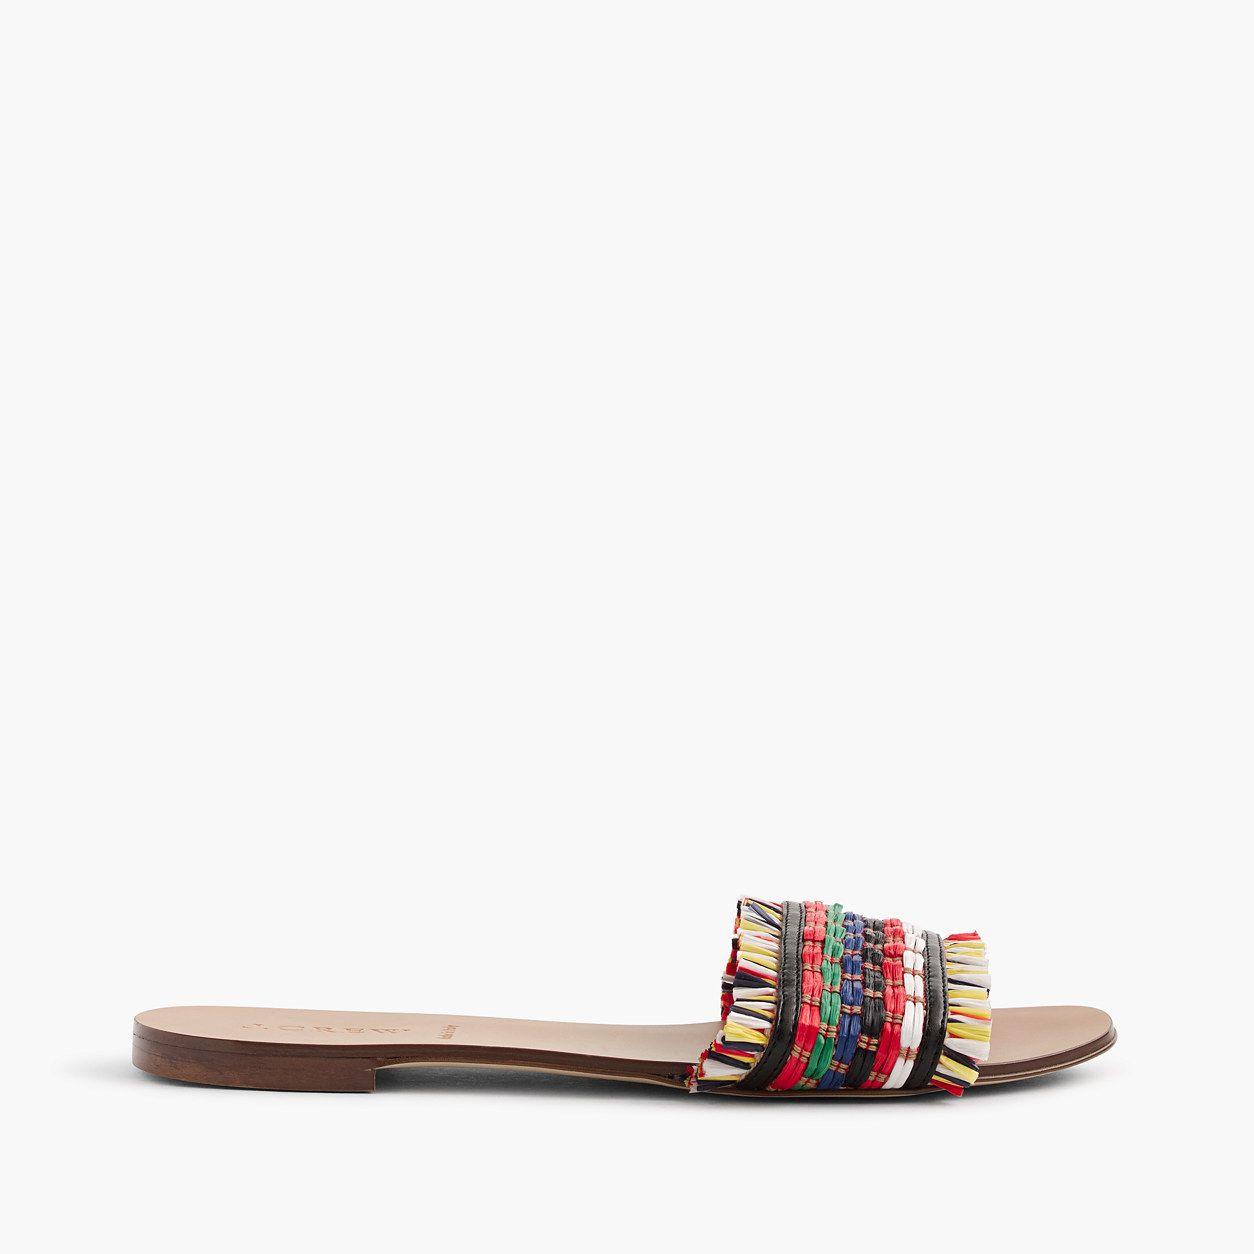 68304eb29 J.Crew Womens Raffia Slide Sandals (Size 6 M)